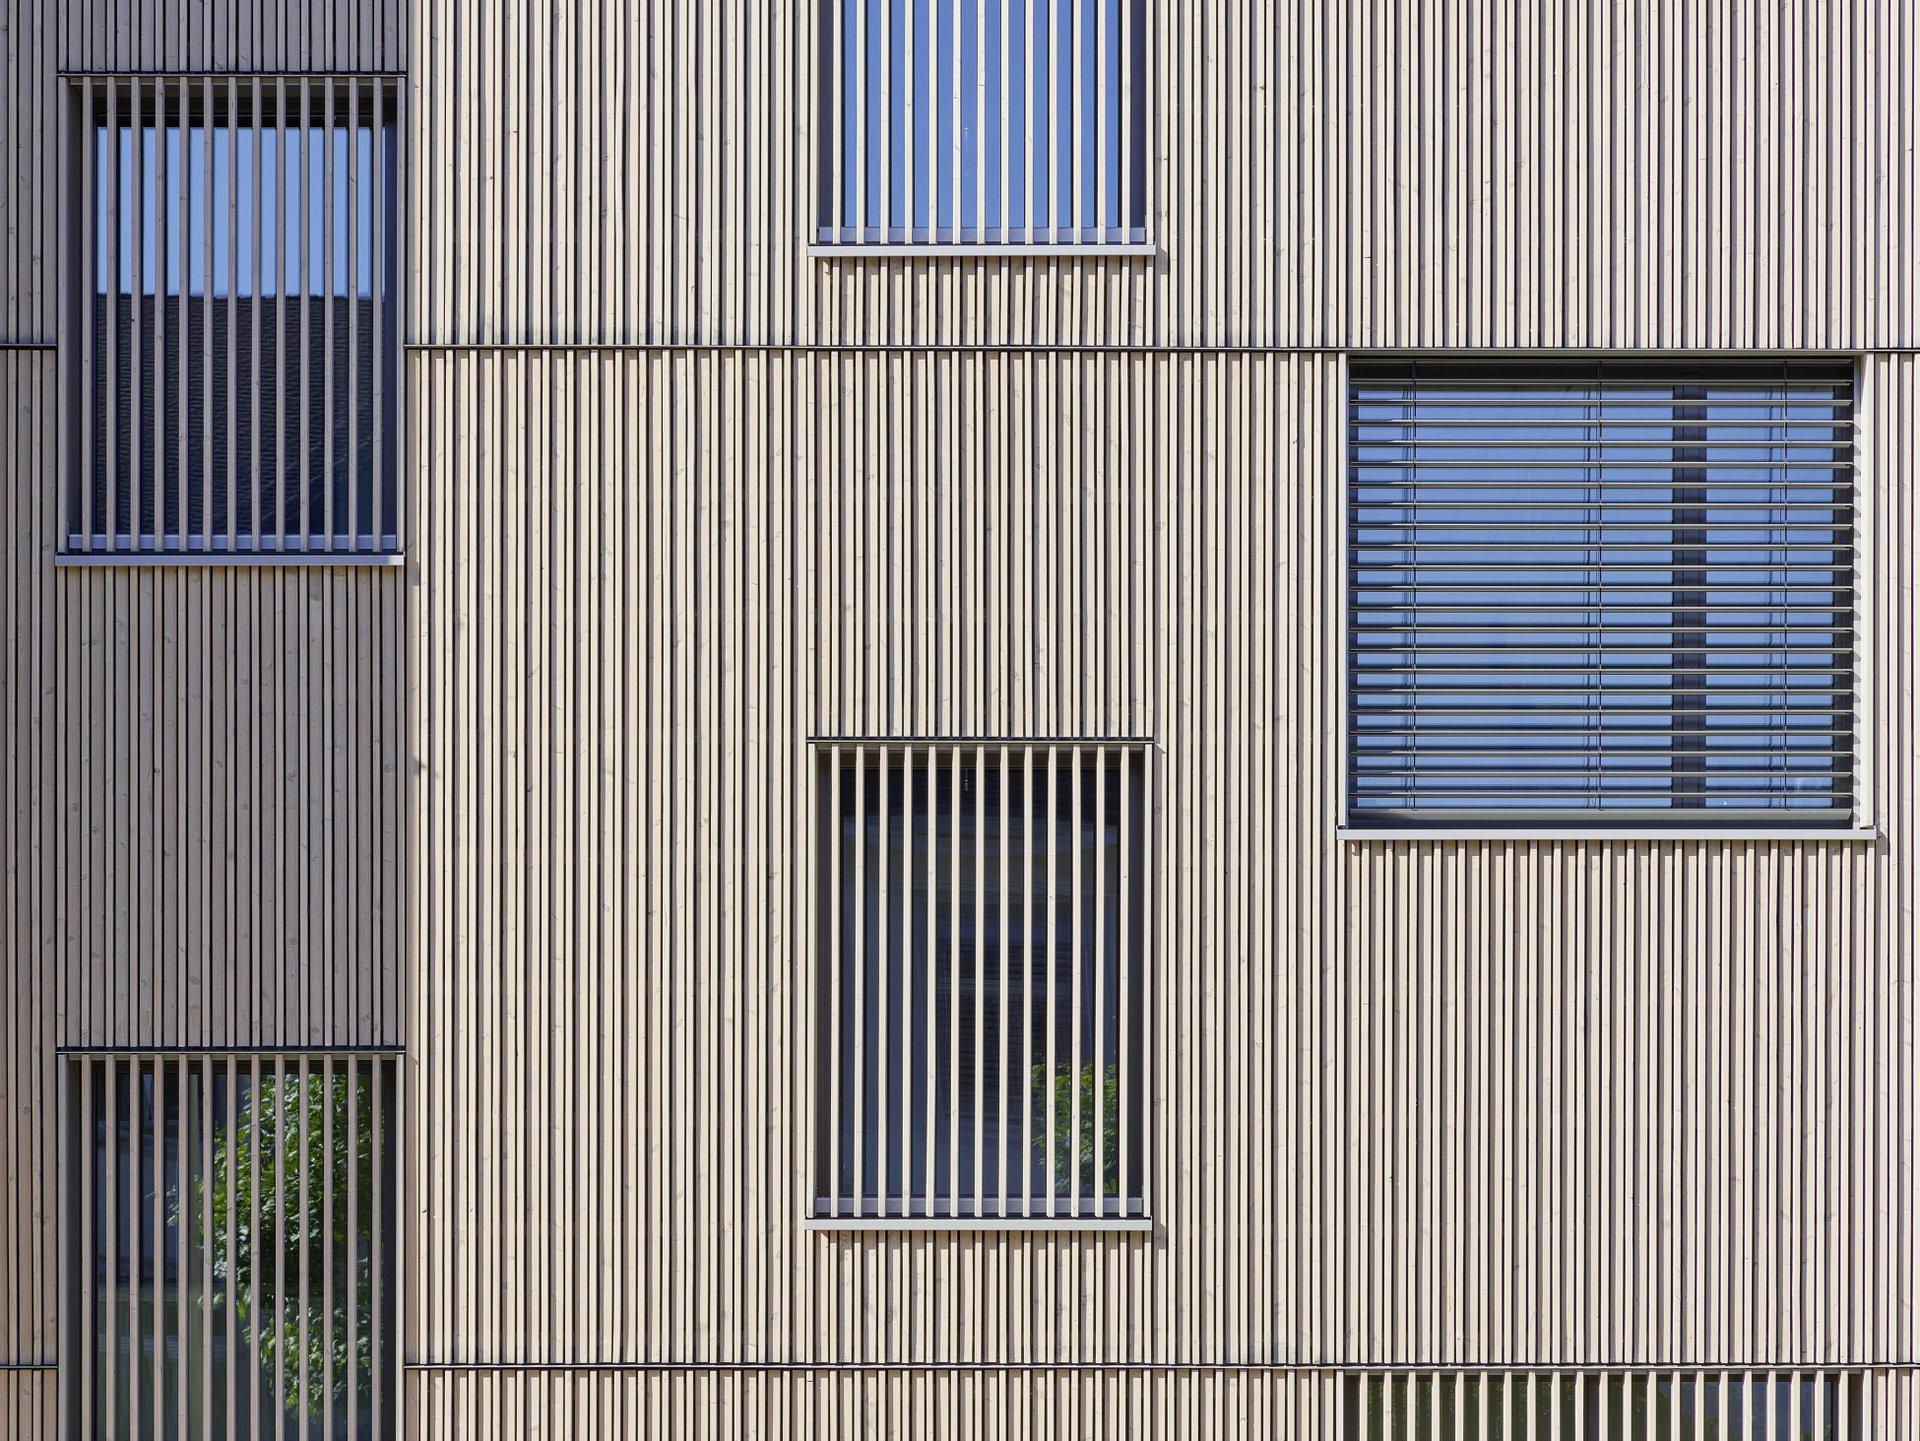 Fassadenausschnitt mit Fenstern welche mit Holz eingegittert sind oder durch die Storen abgedunkelt wurden.